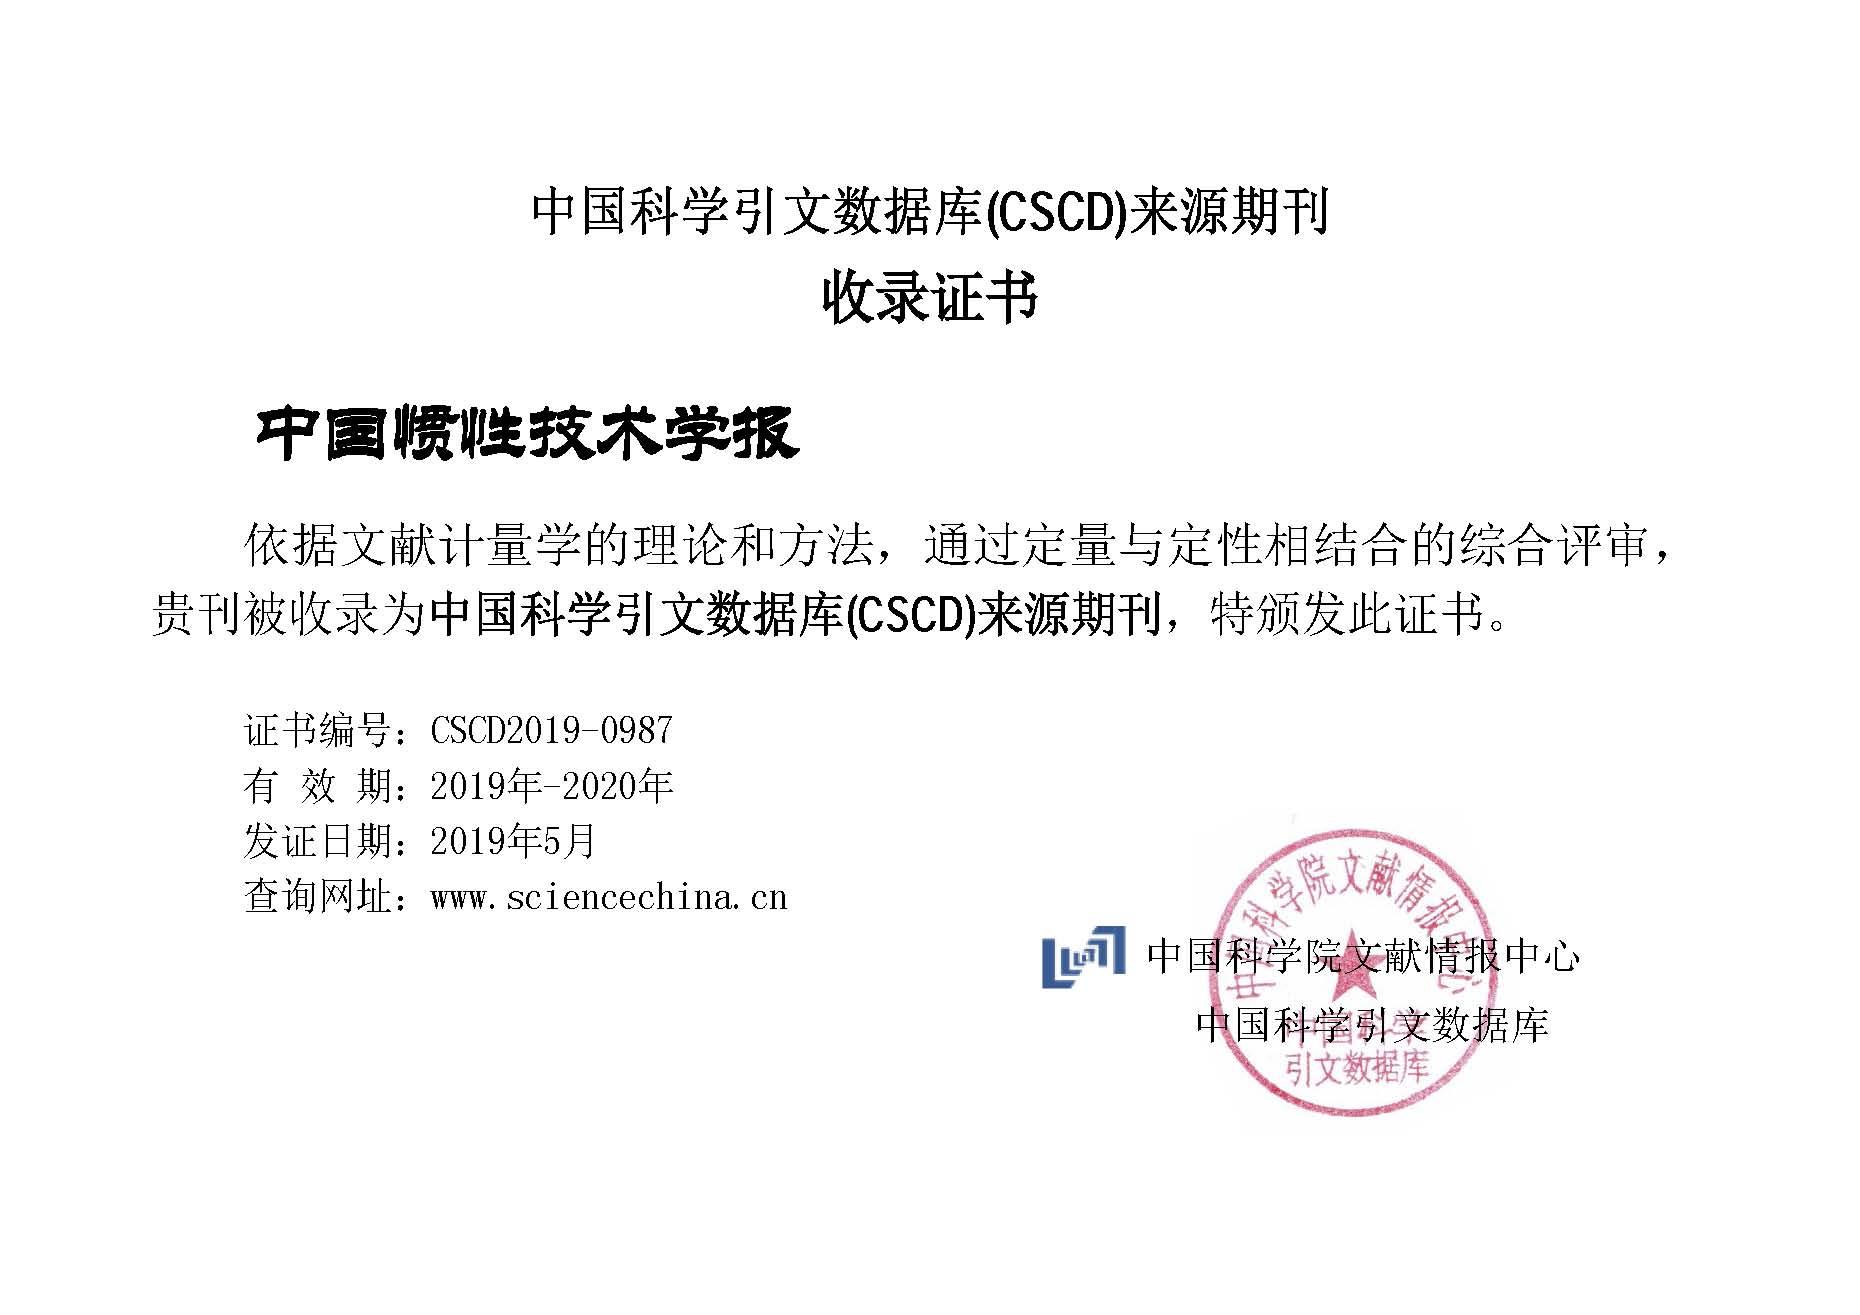 《中国惯性技术学报》2019年继续被中国科学引文数据库CSCD收录